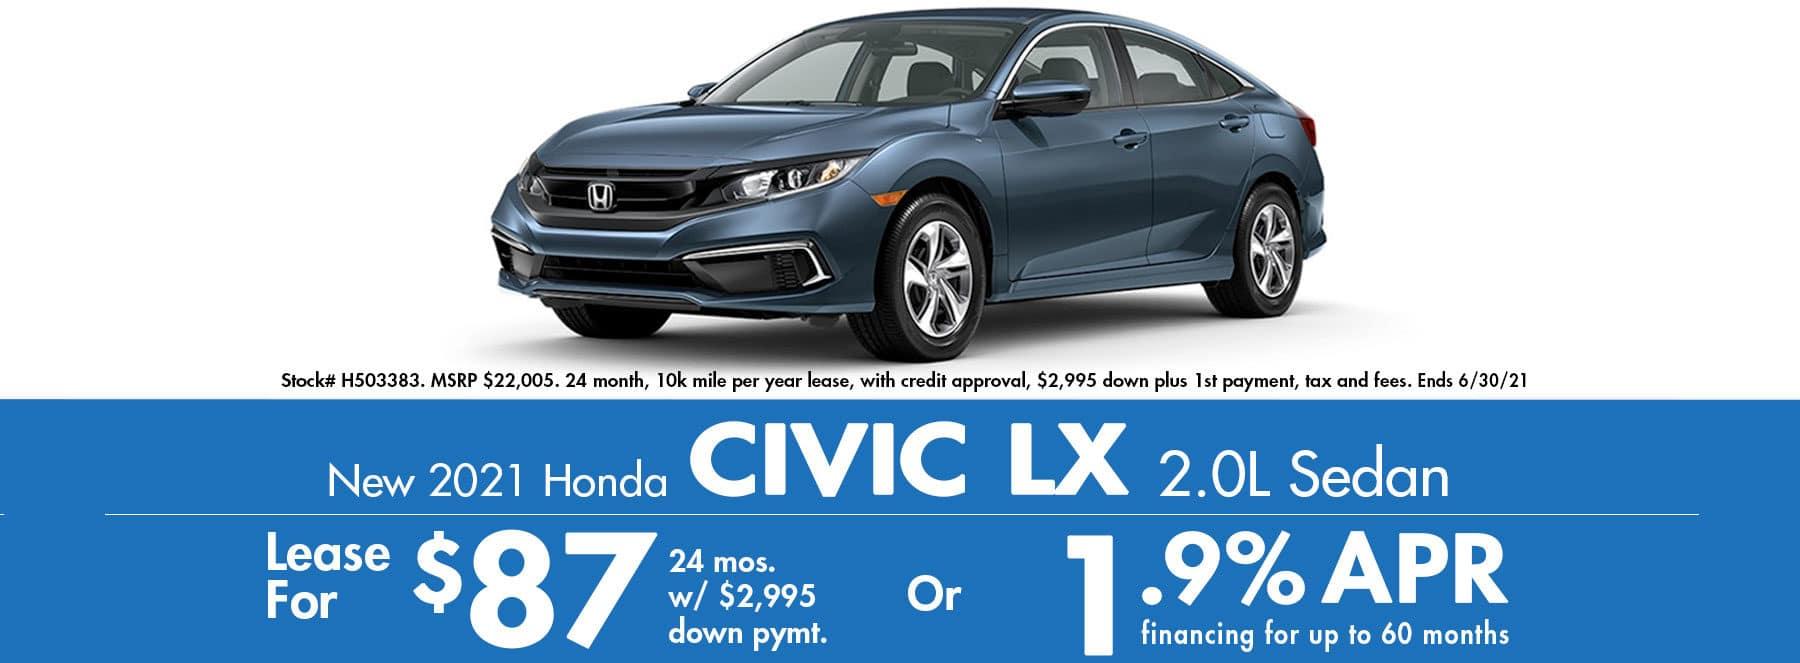 2021 Honda Civic LX CVT $87 / month or 0% APR!